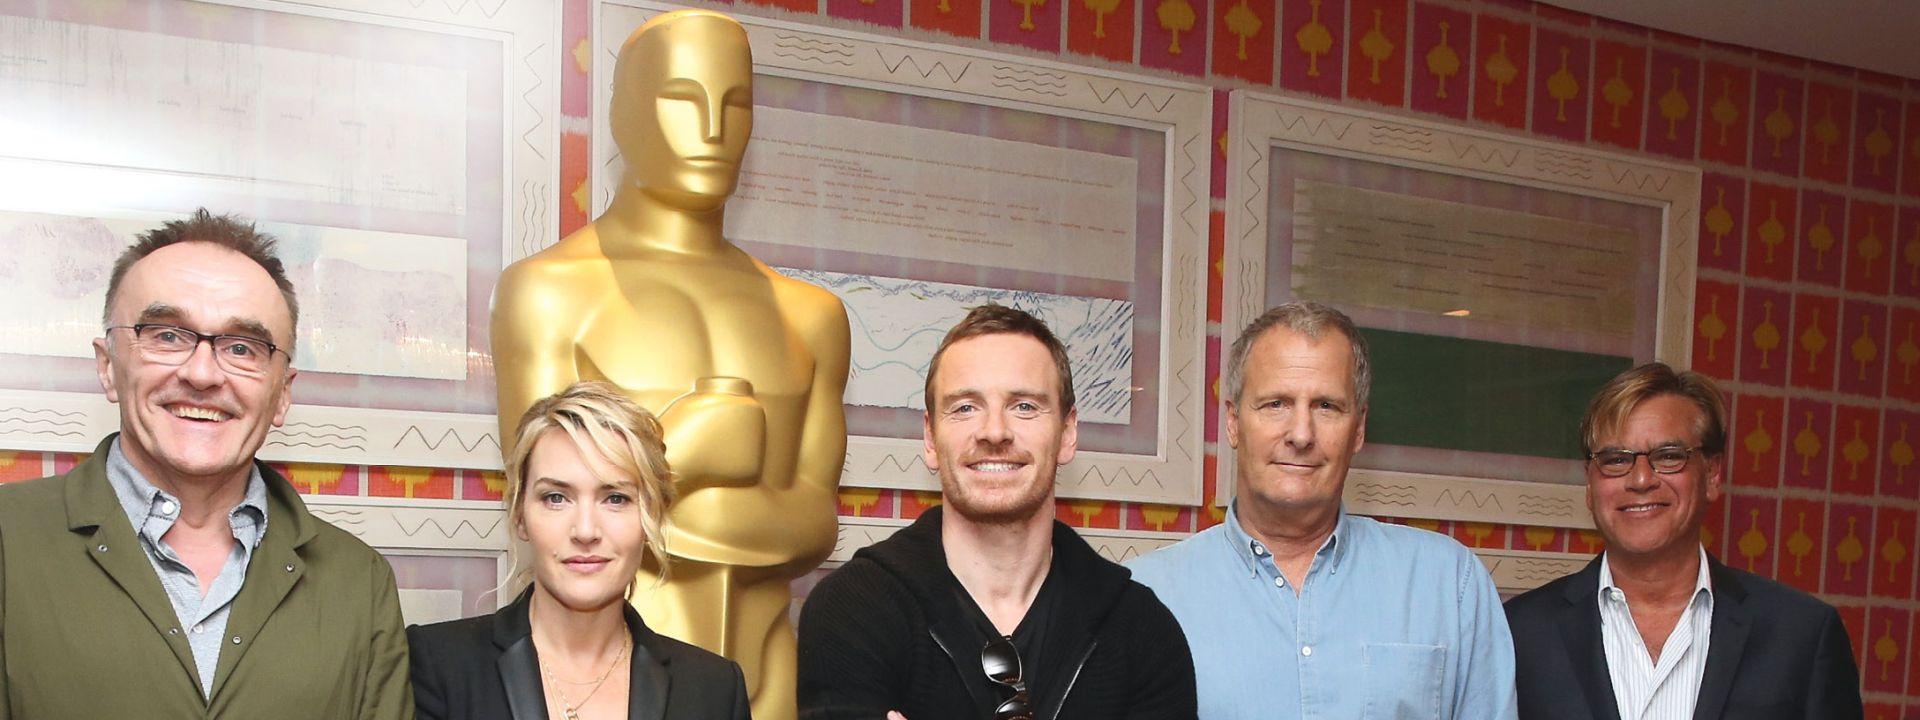 'Steve Jobs' – hvaljeni kandidat za Oscara koji je financijski propao